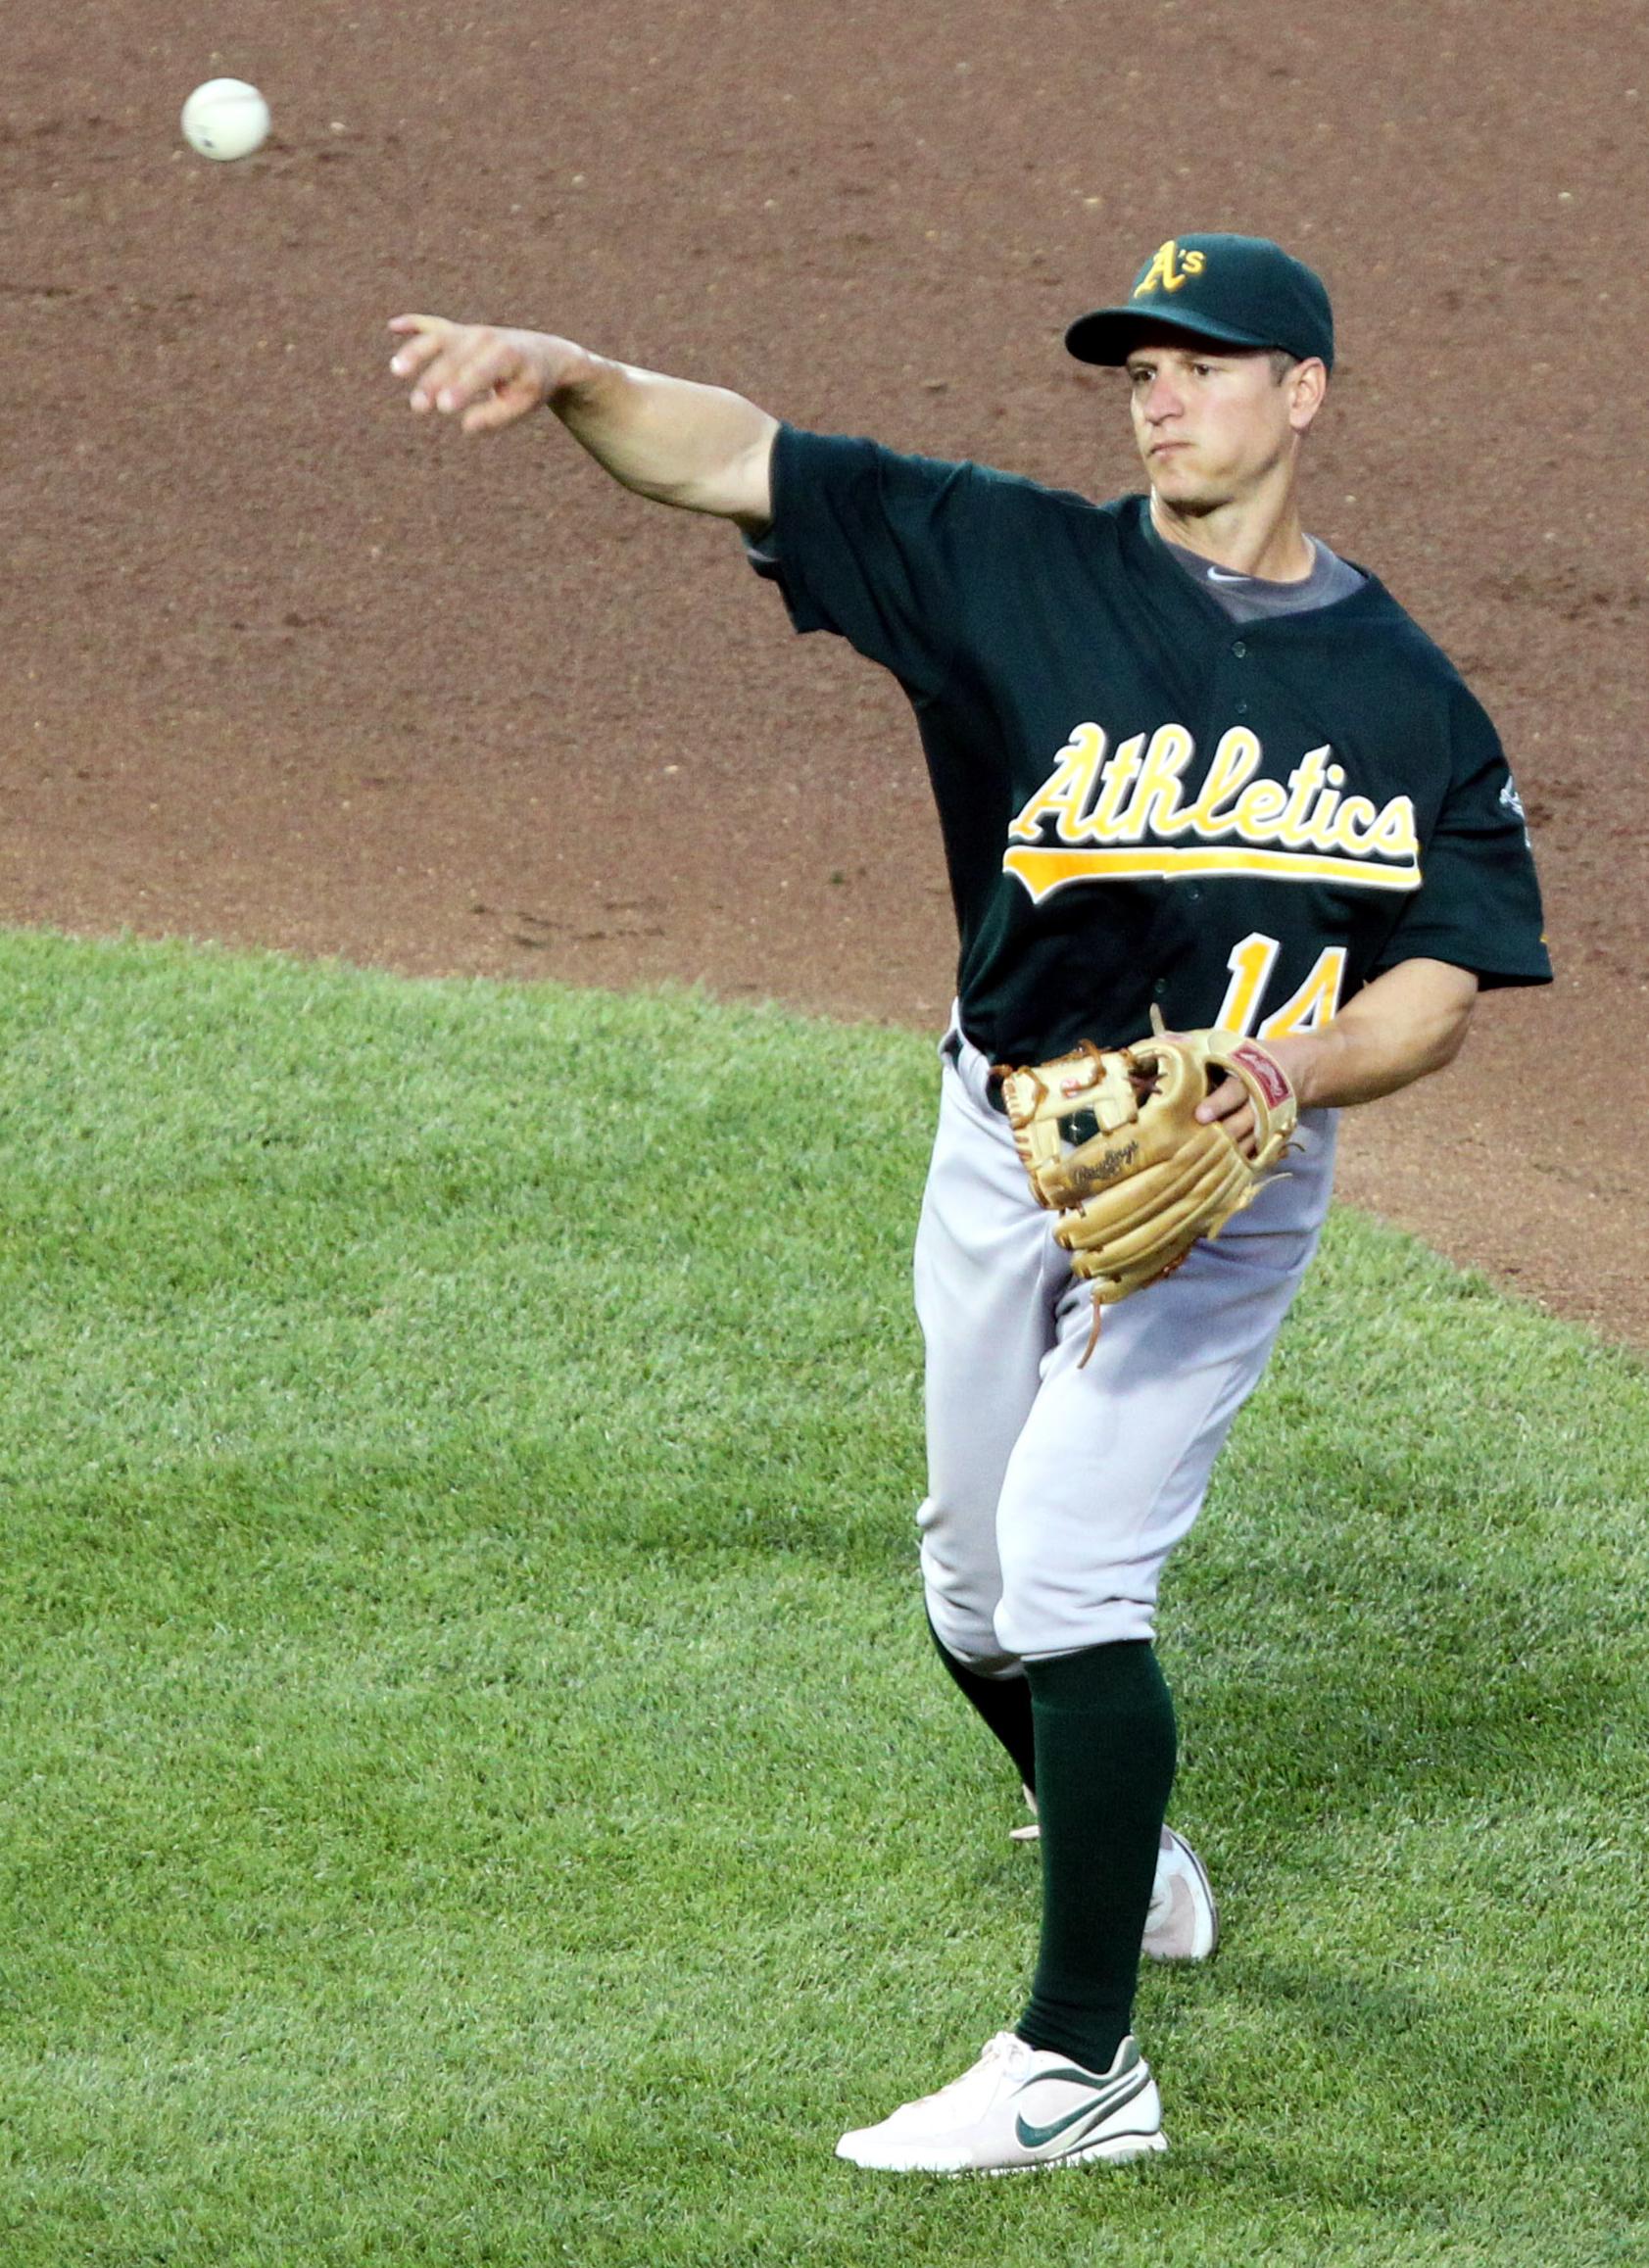 File:Mark Ellis on June 6, 2011.jpg - Wikipedia